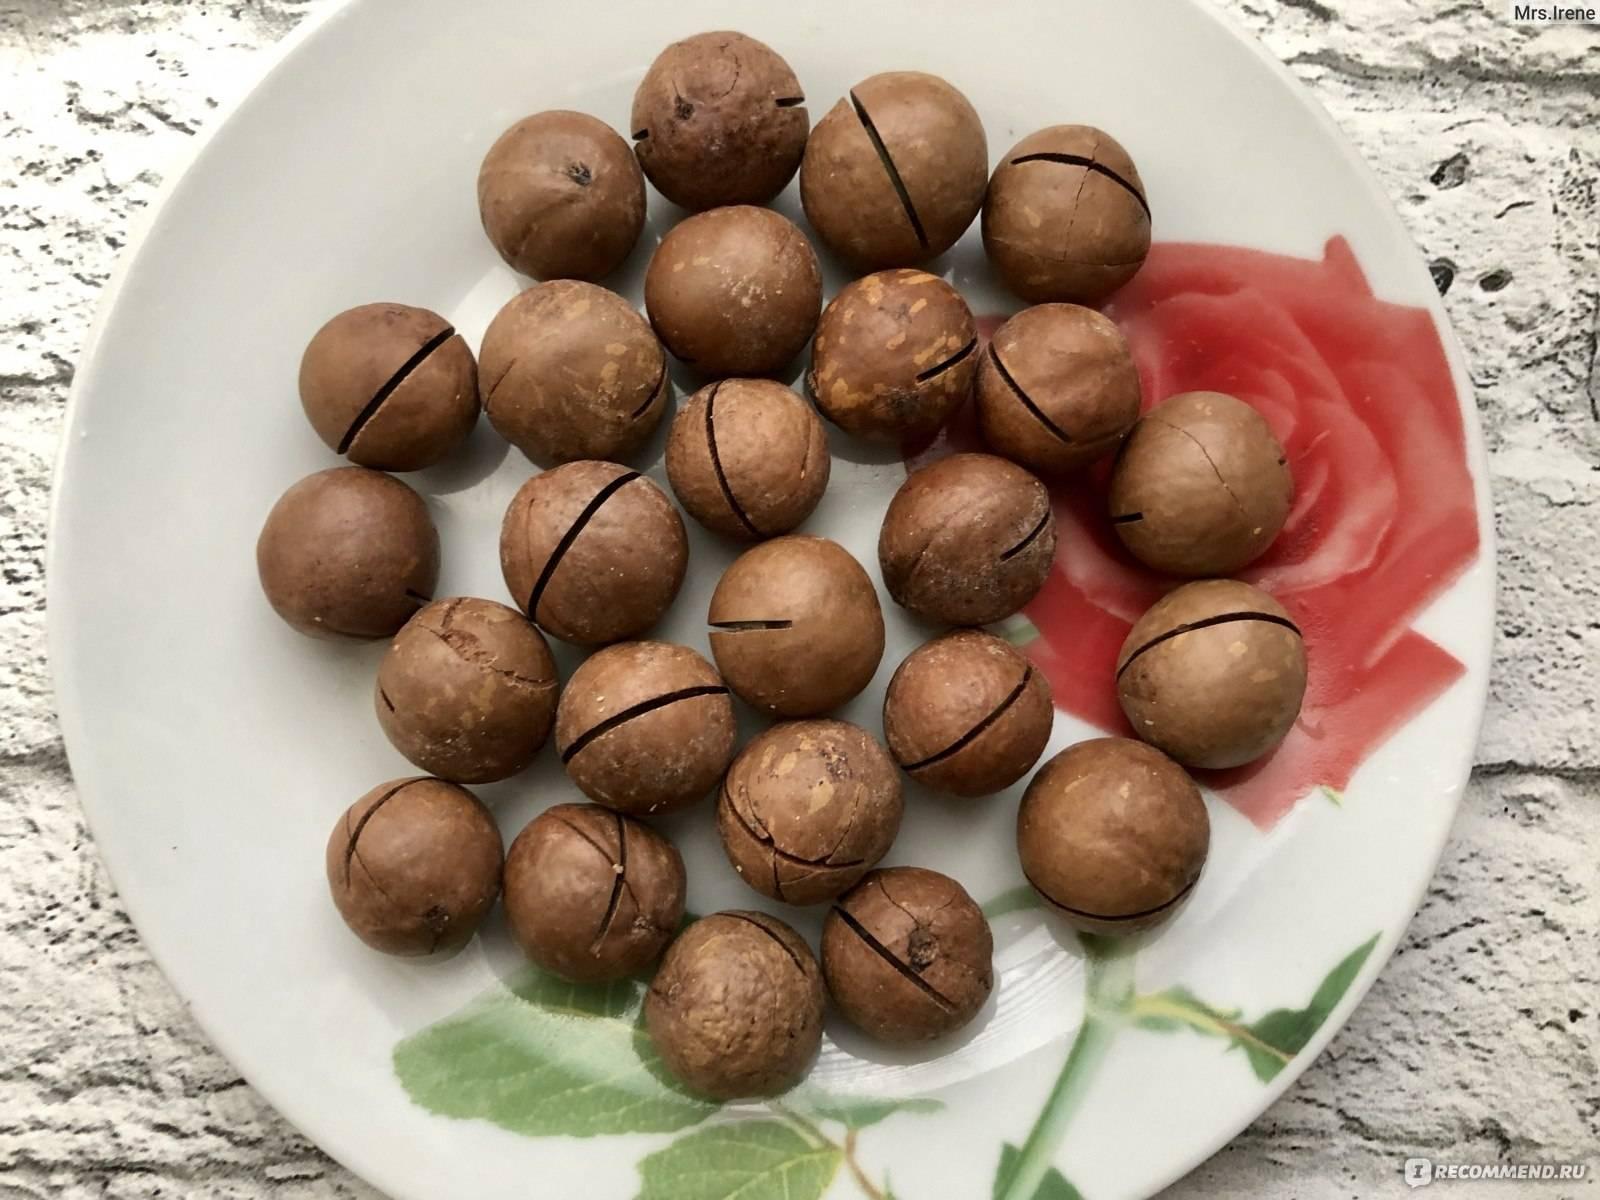 Как растет макадамия: полезный австралийский орех